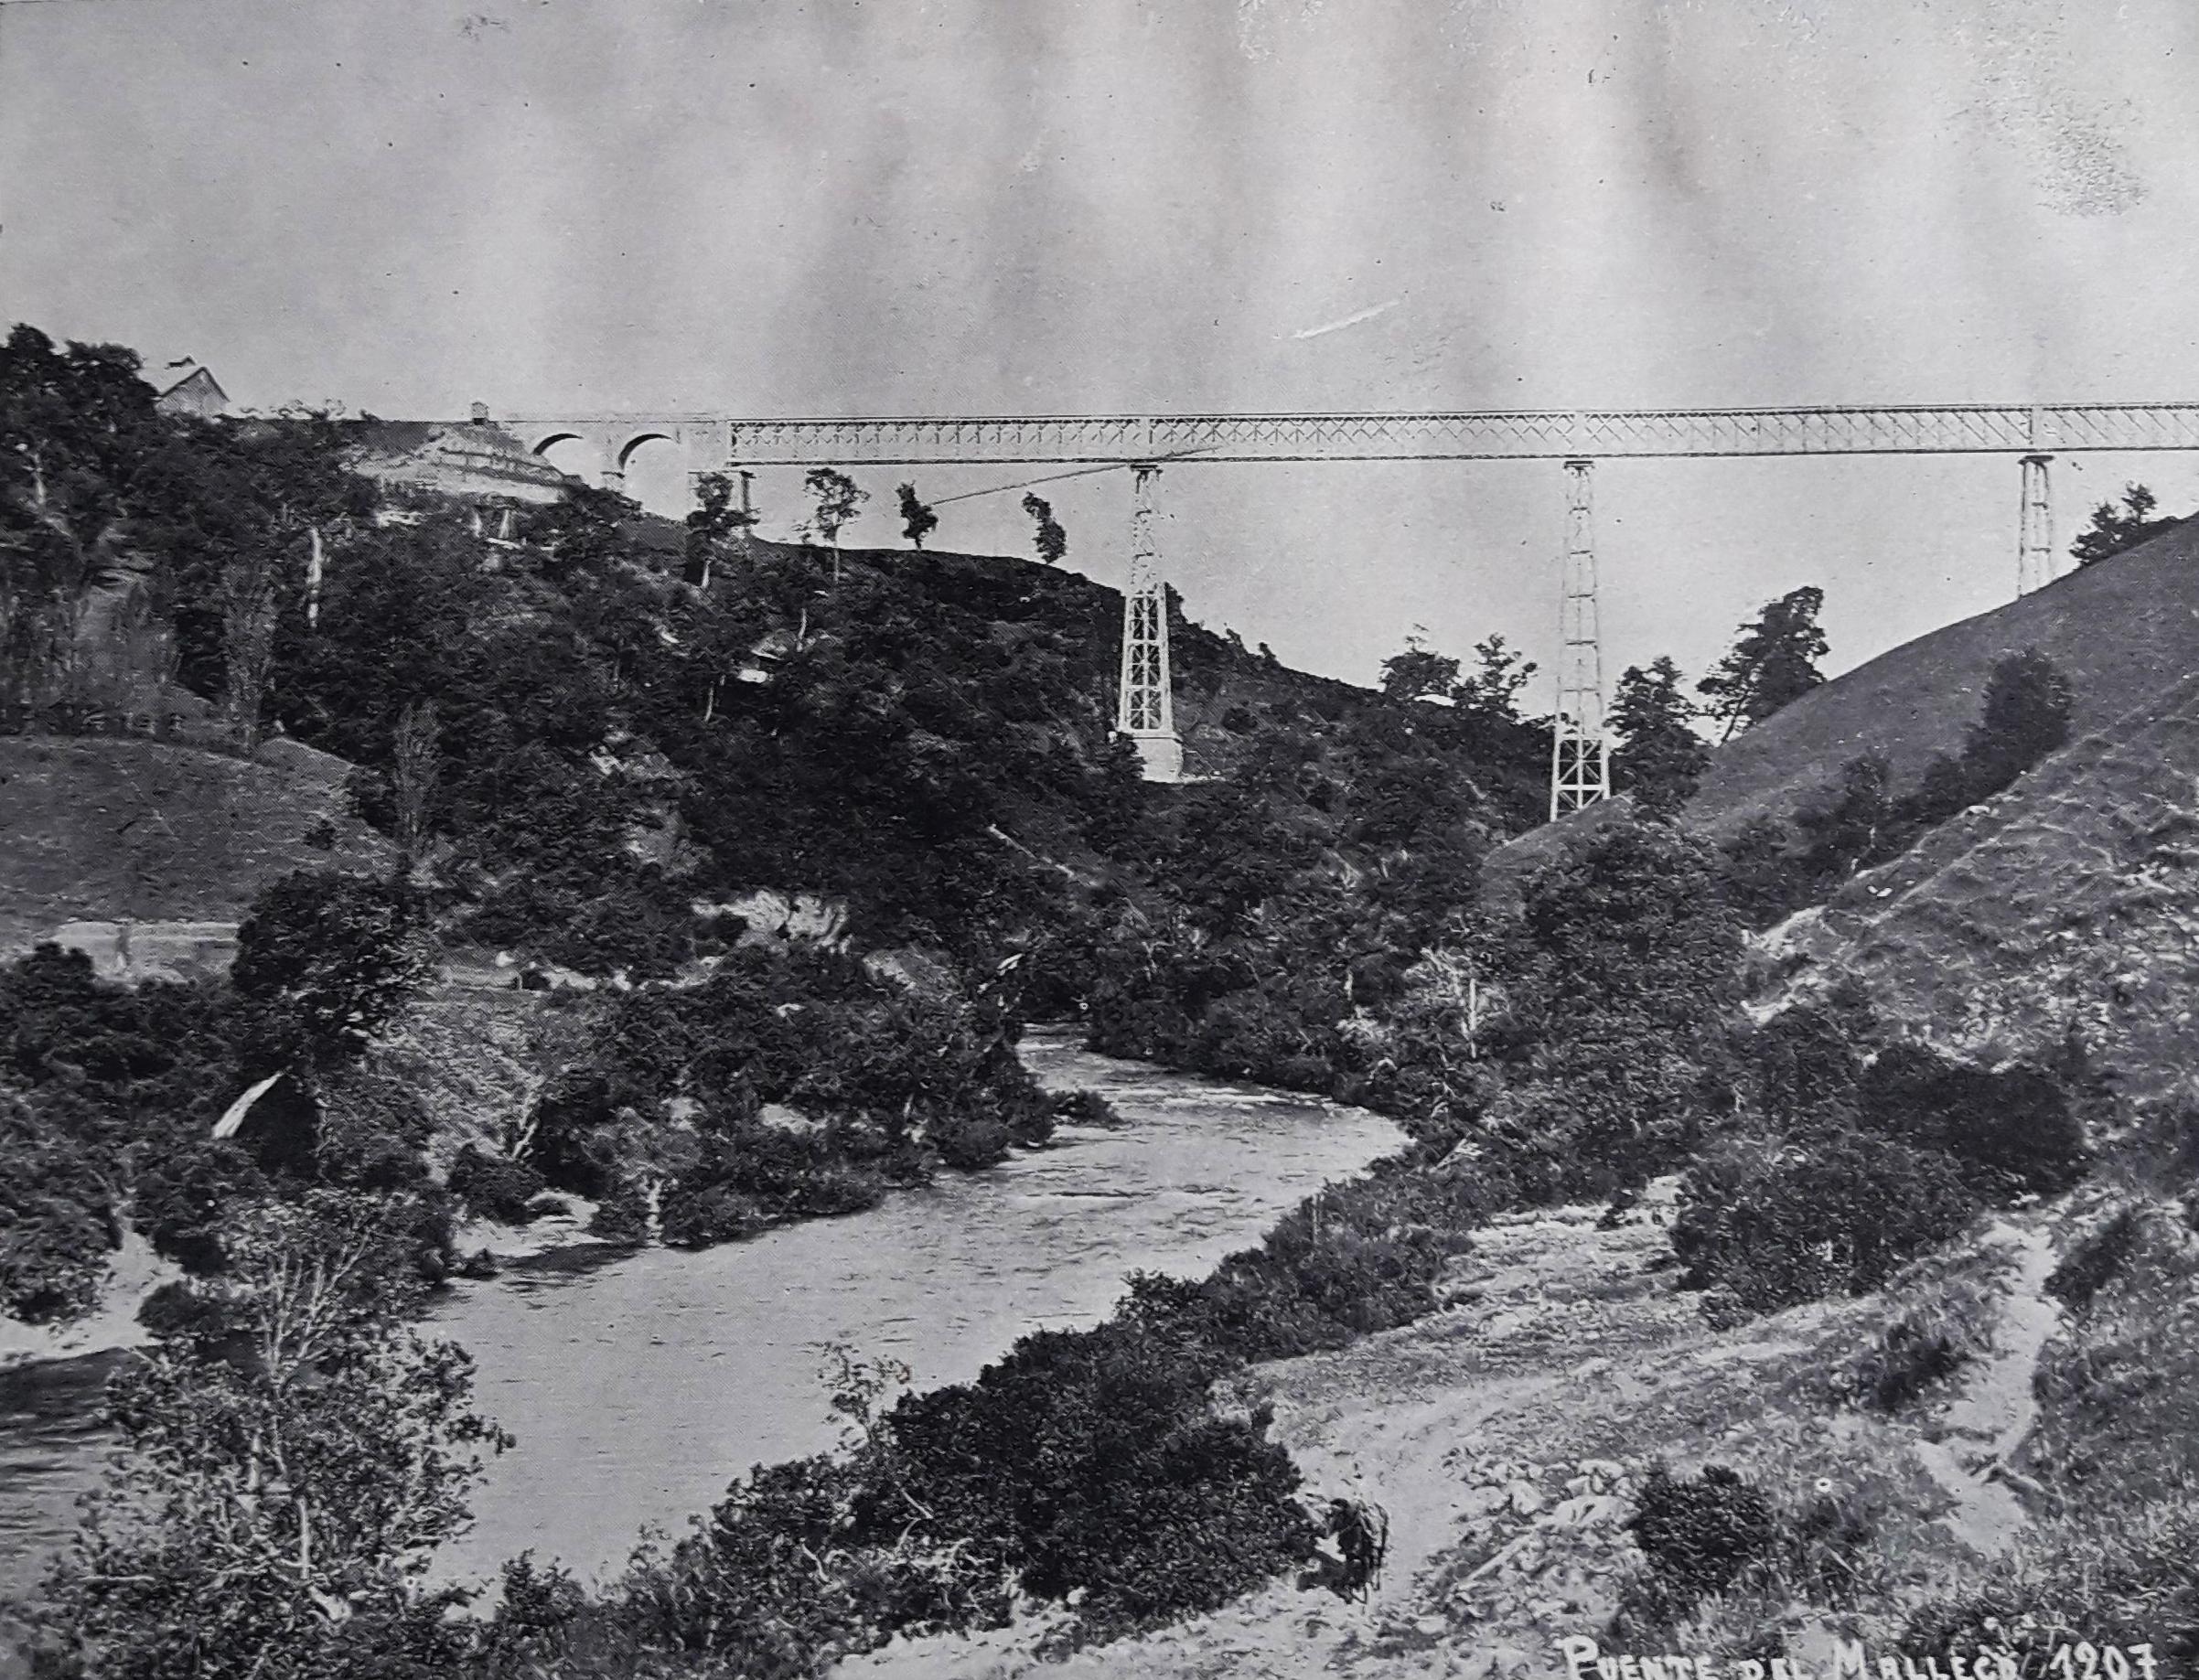 Enterreno - Fotos históricas de chile - fotos antiguas de Chile - Viaducto y Río Malleco en 1931